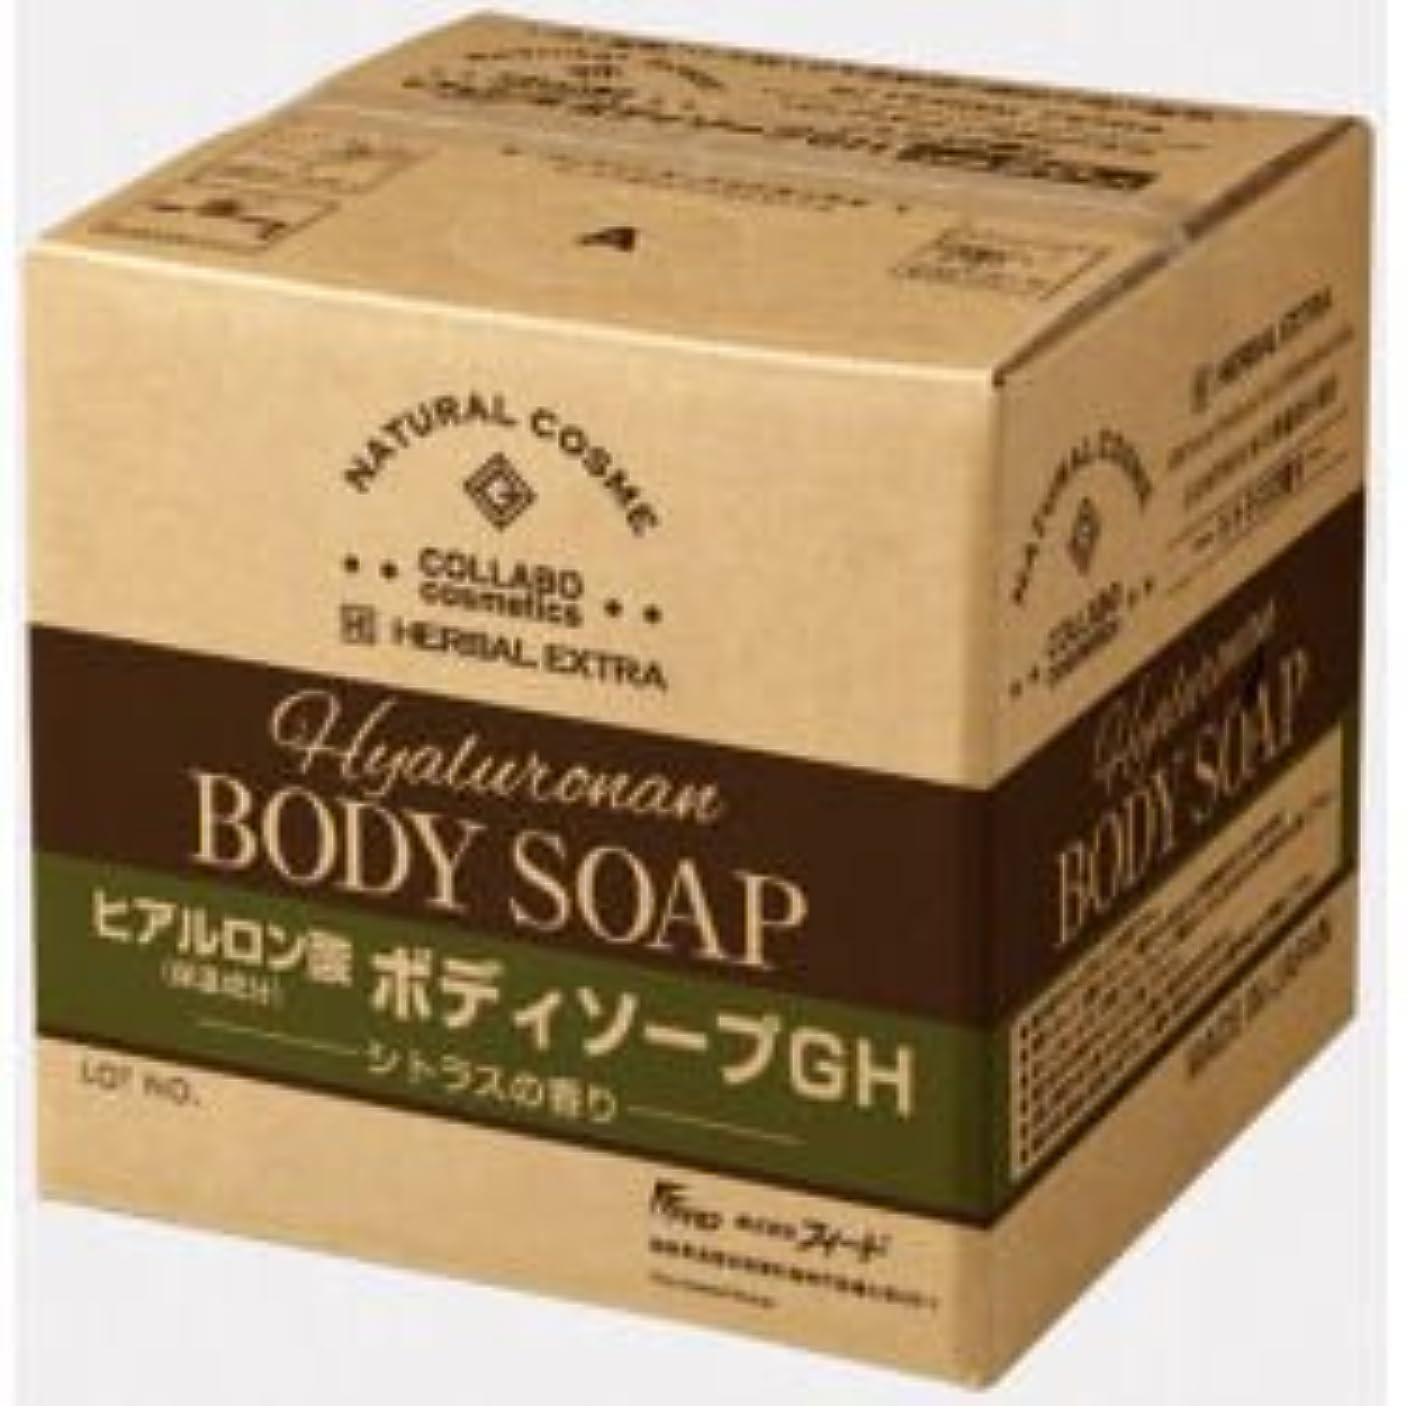 口径拮抗する端末ゼミド×ハーバルエクストラ ヒアルロン酸ボディソープGH シトラスの香り 20kg